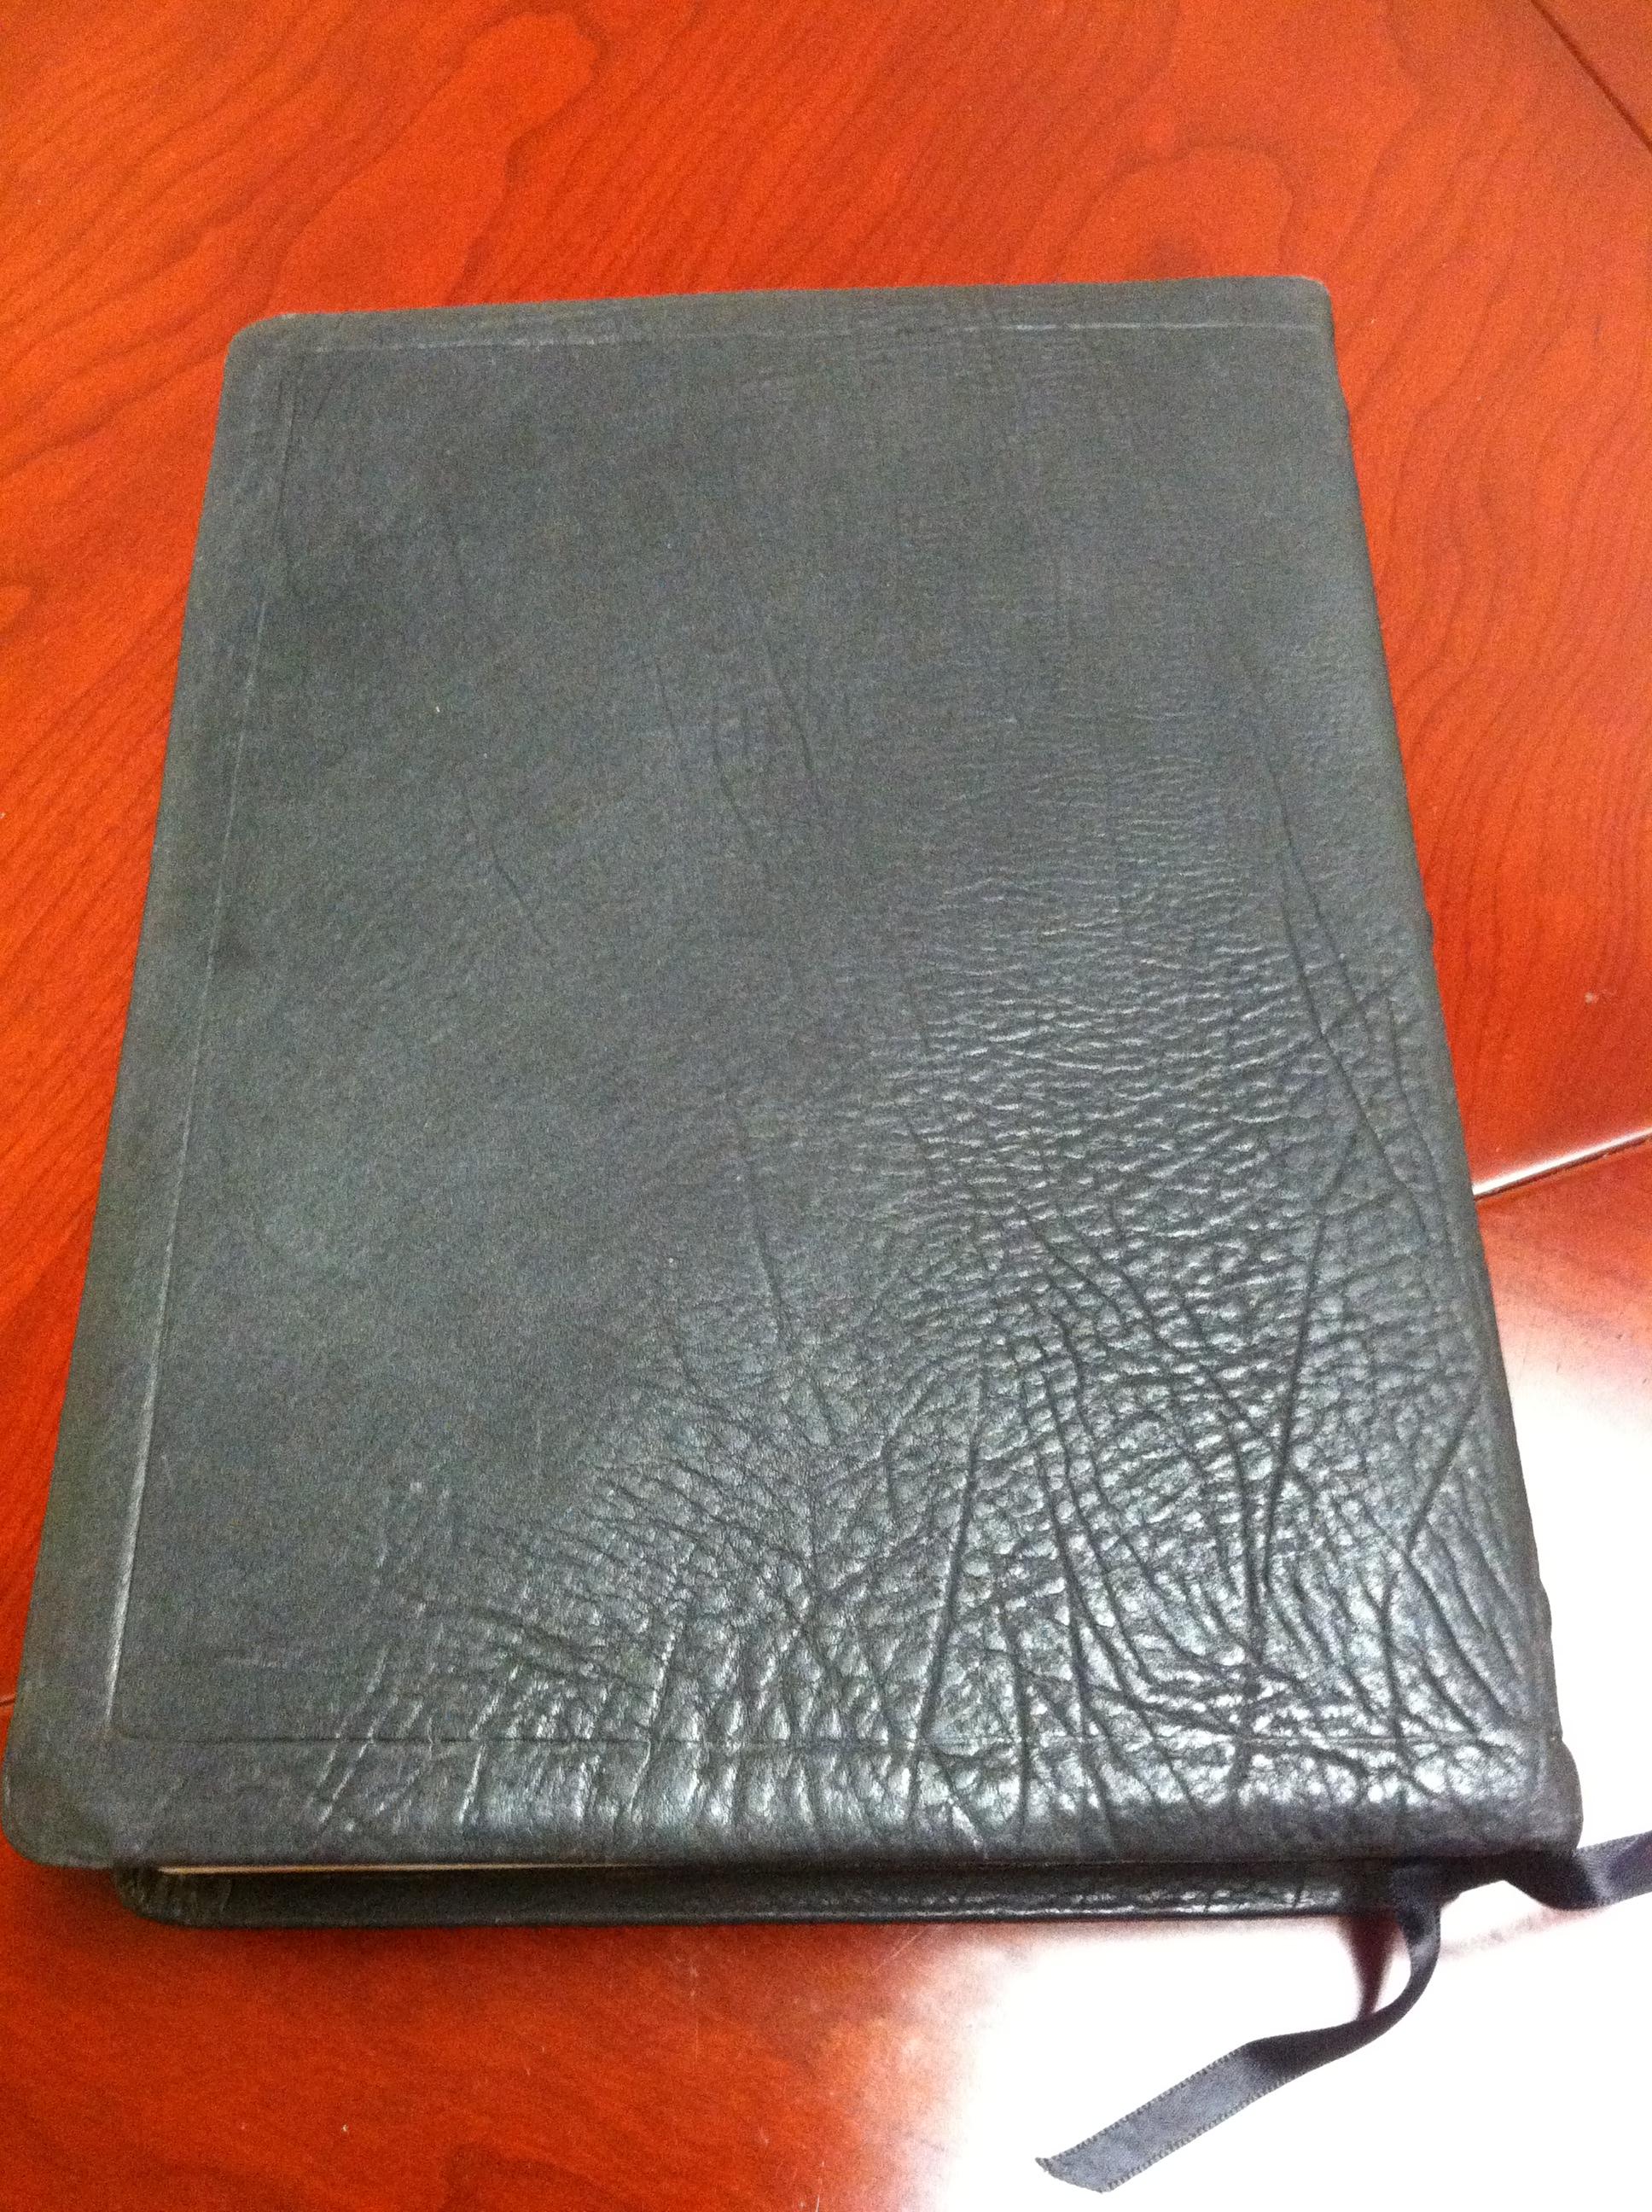 Calfskin Bible: Books | eBay